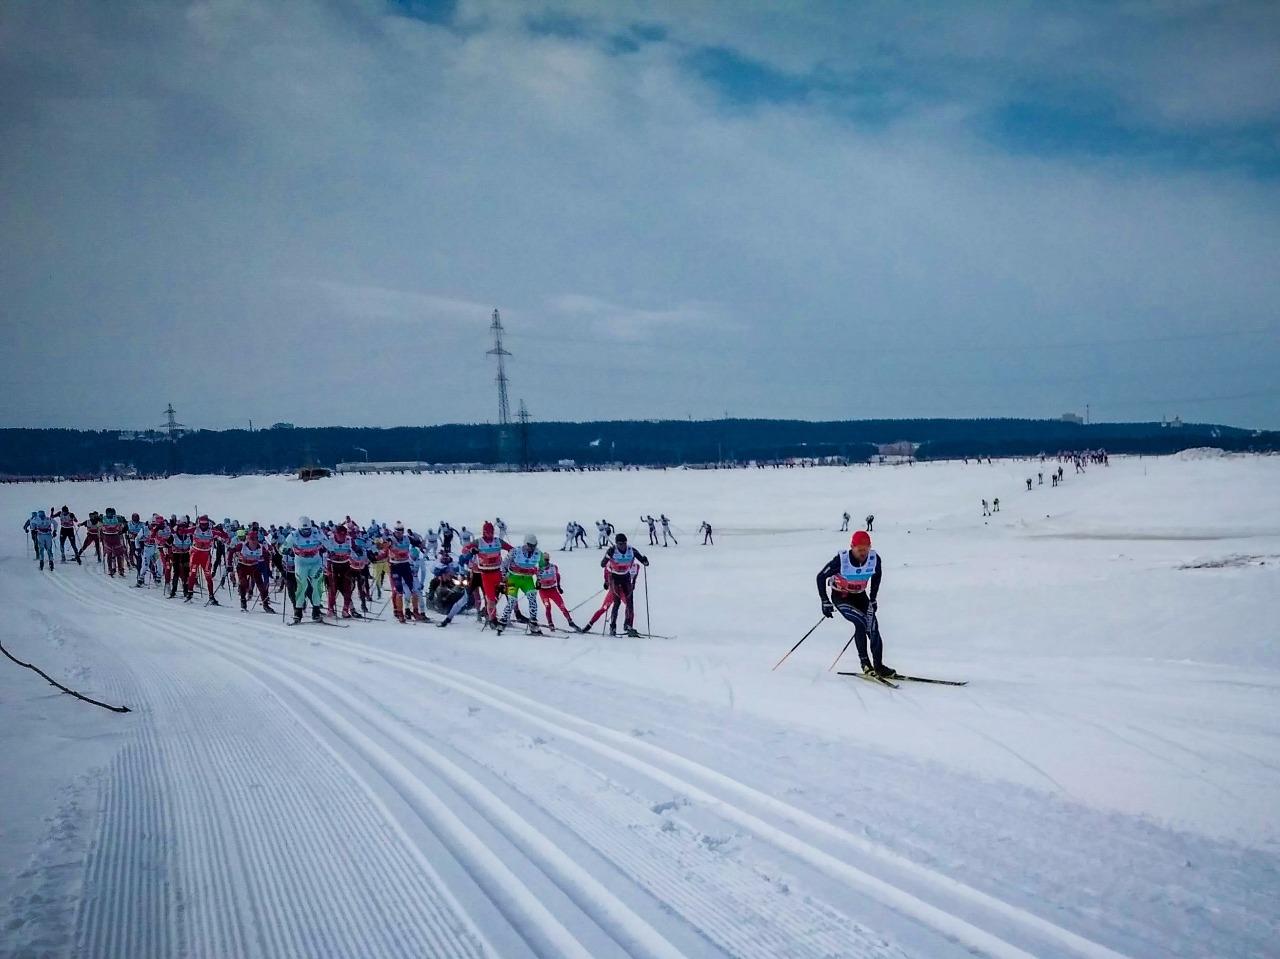 Пятый километр гонки: гонщики всё ещё идут большой группой приблизительно из 60-70 человек. Она распадется только после 15-го километра дистанции.